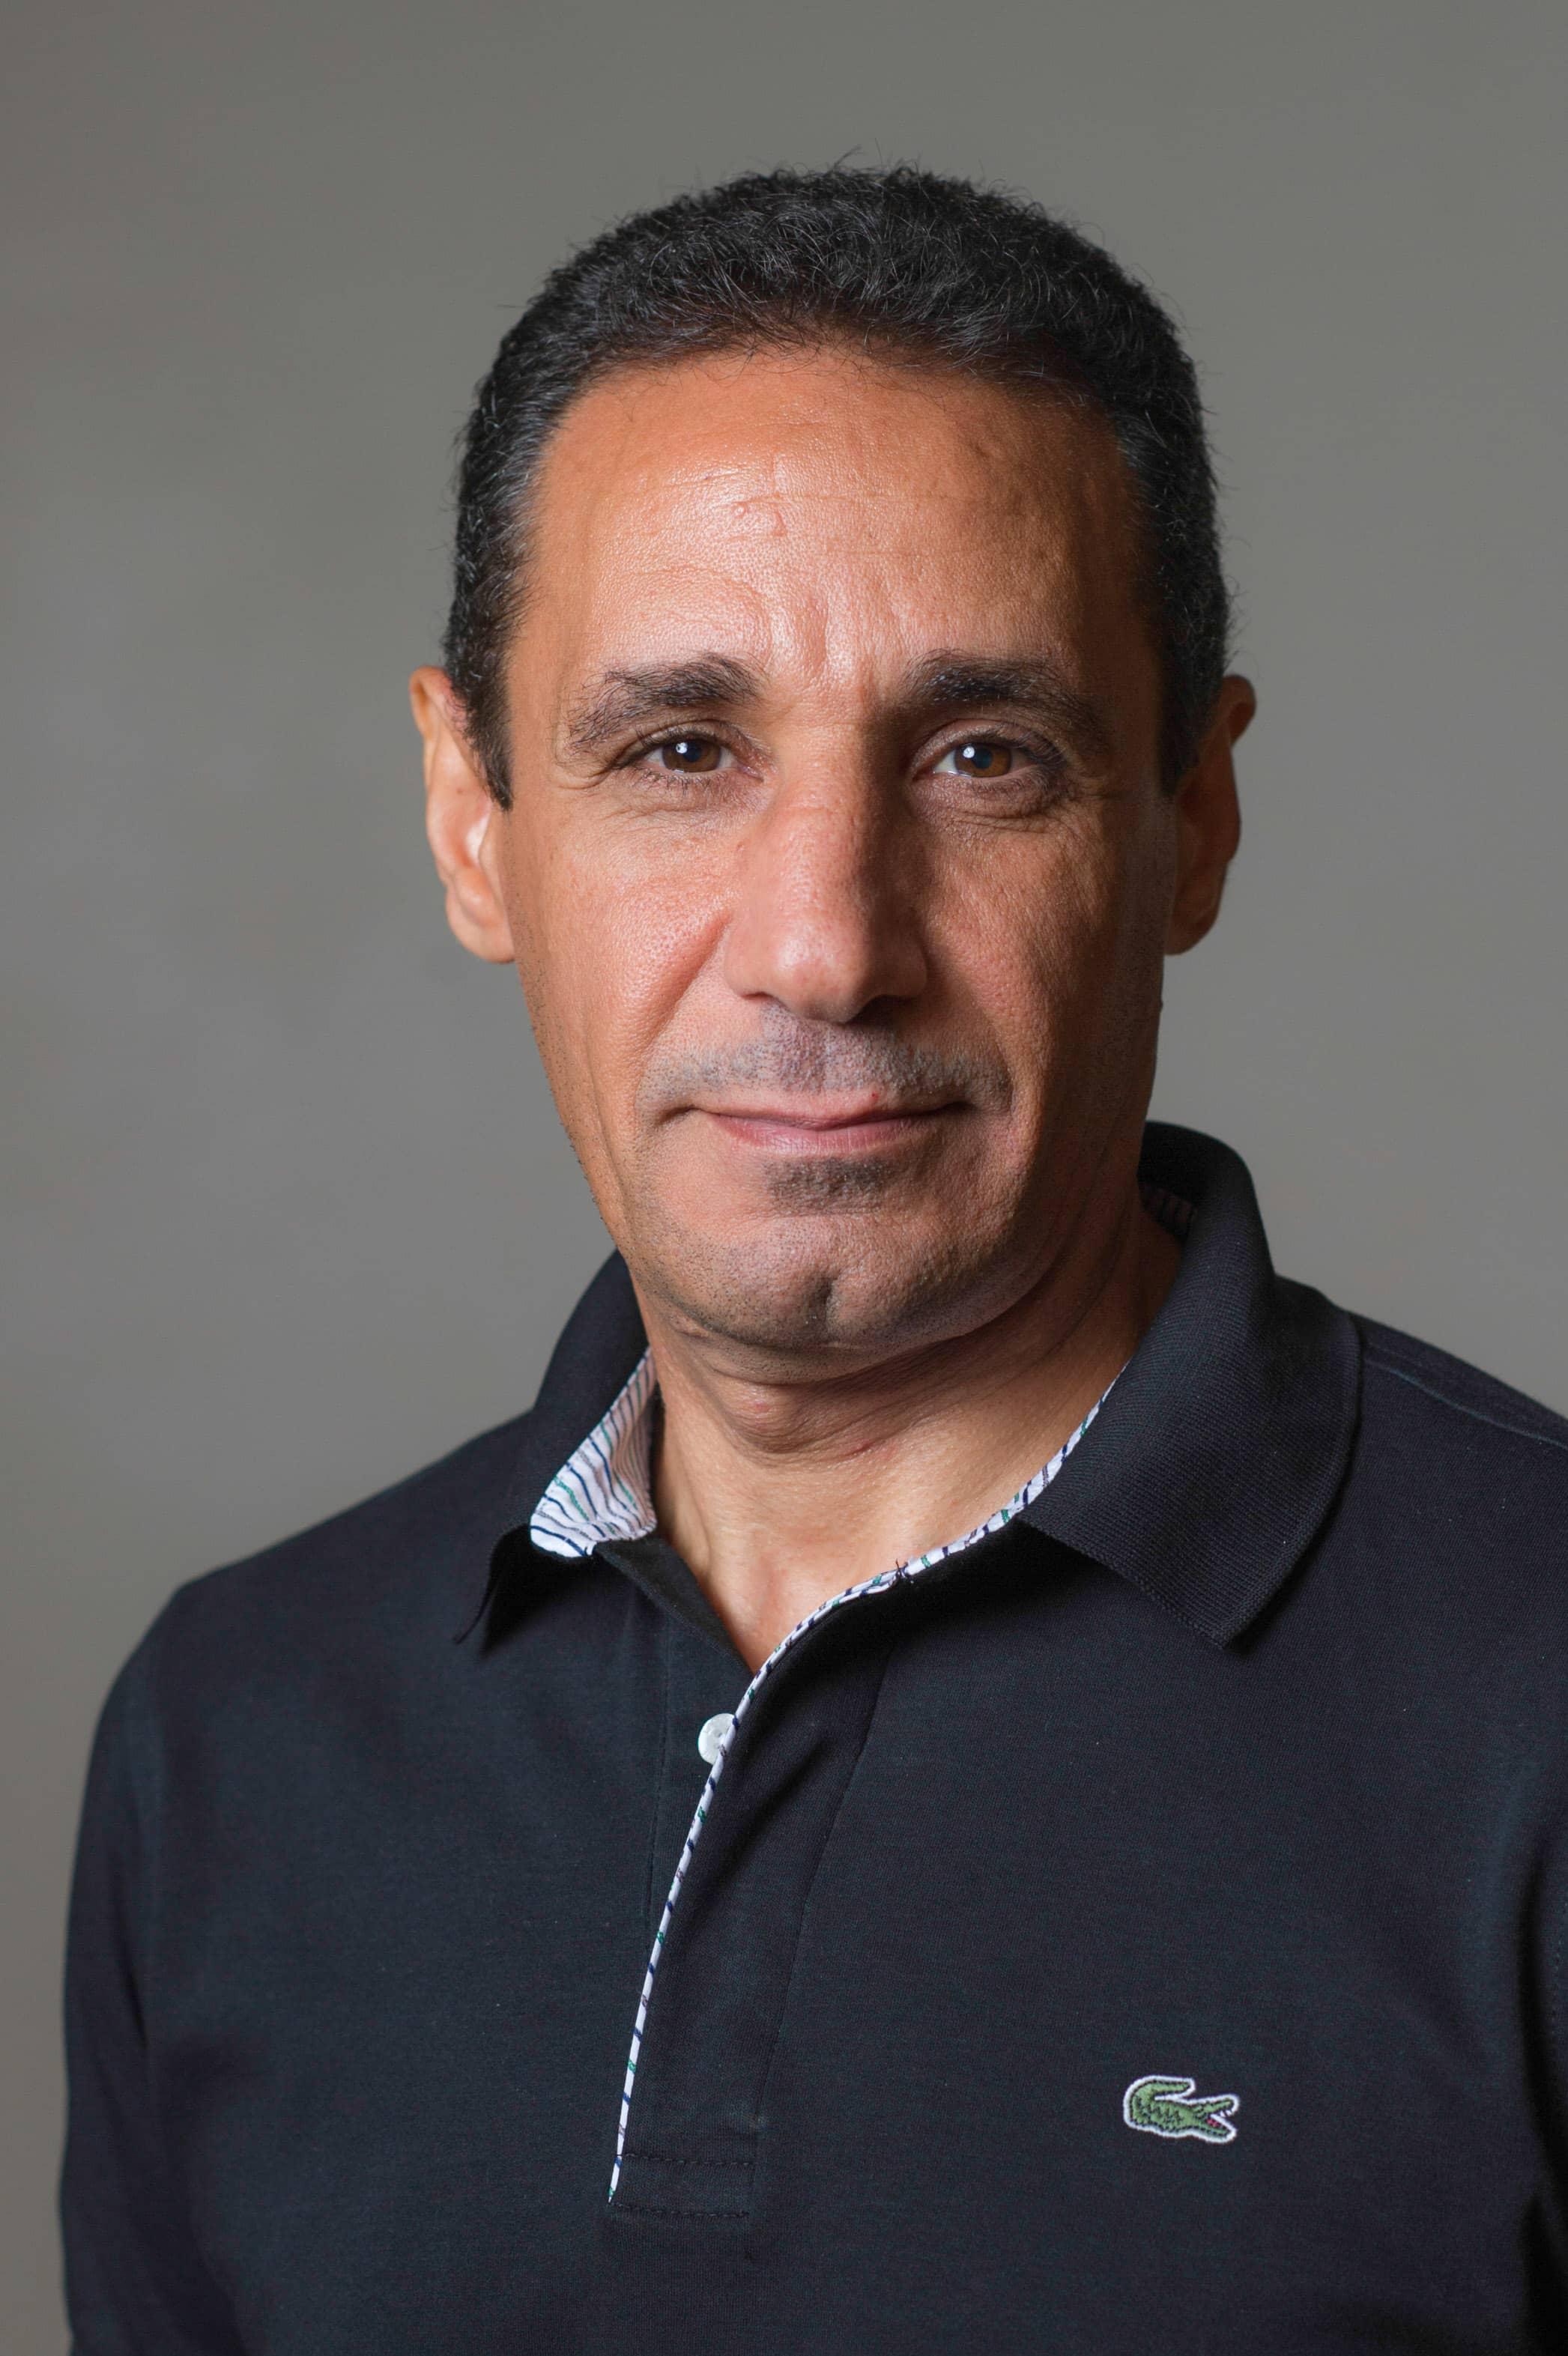 Mohammed Slaiman